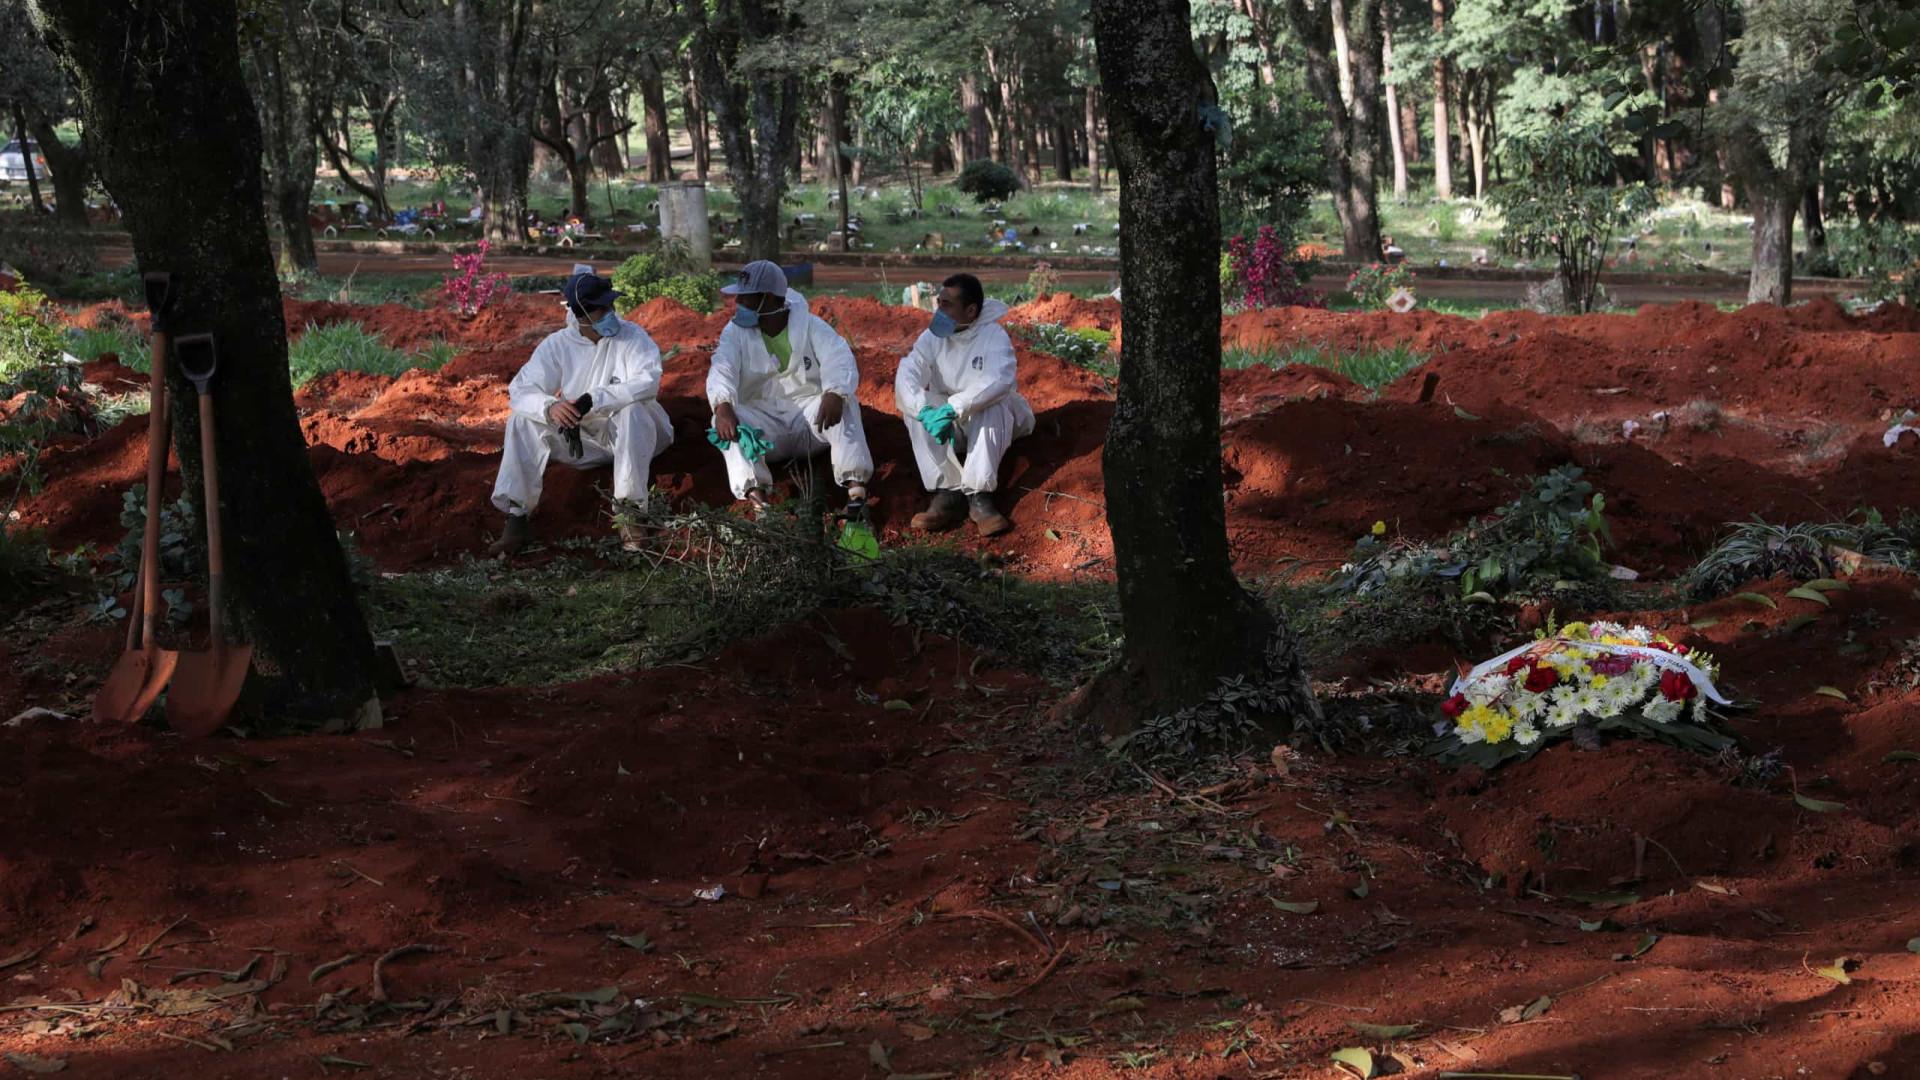 Plano funerário emergencial de SP com crise prevê abrir 13 mil covas